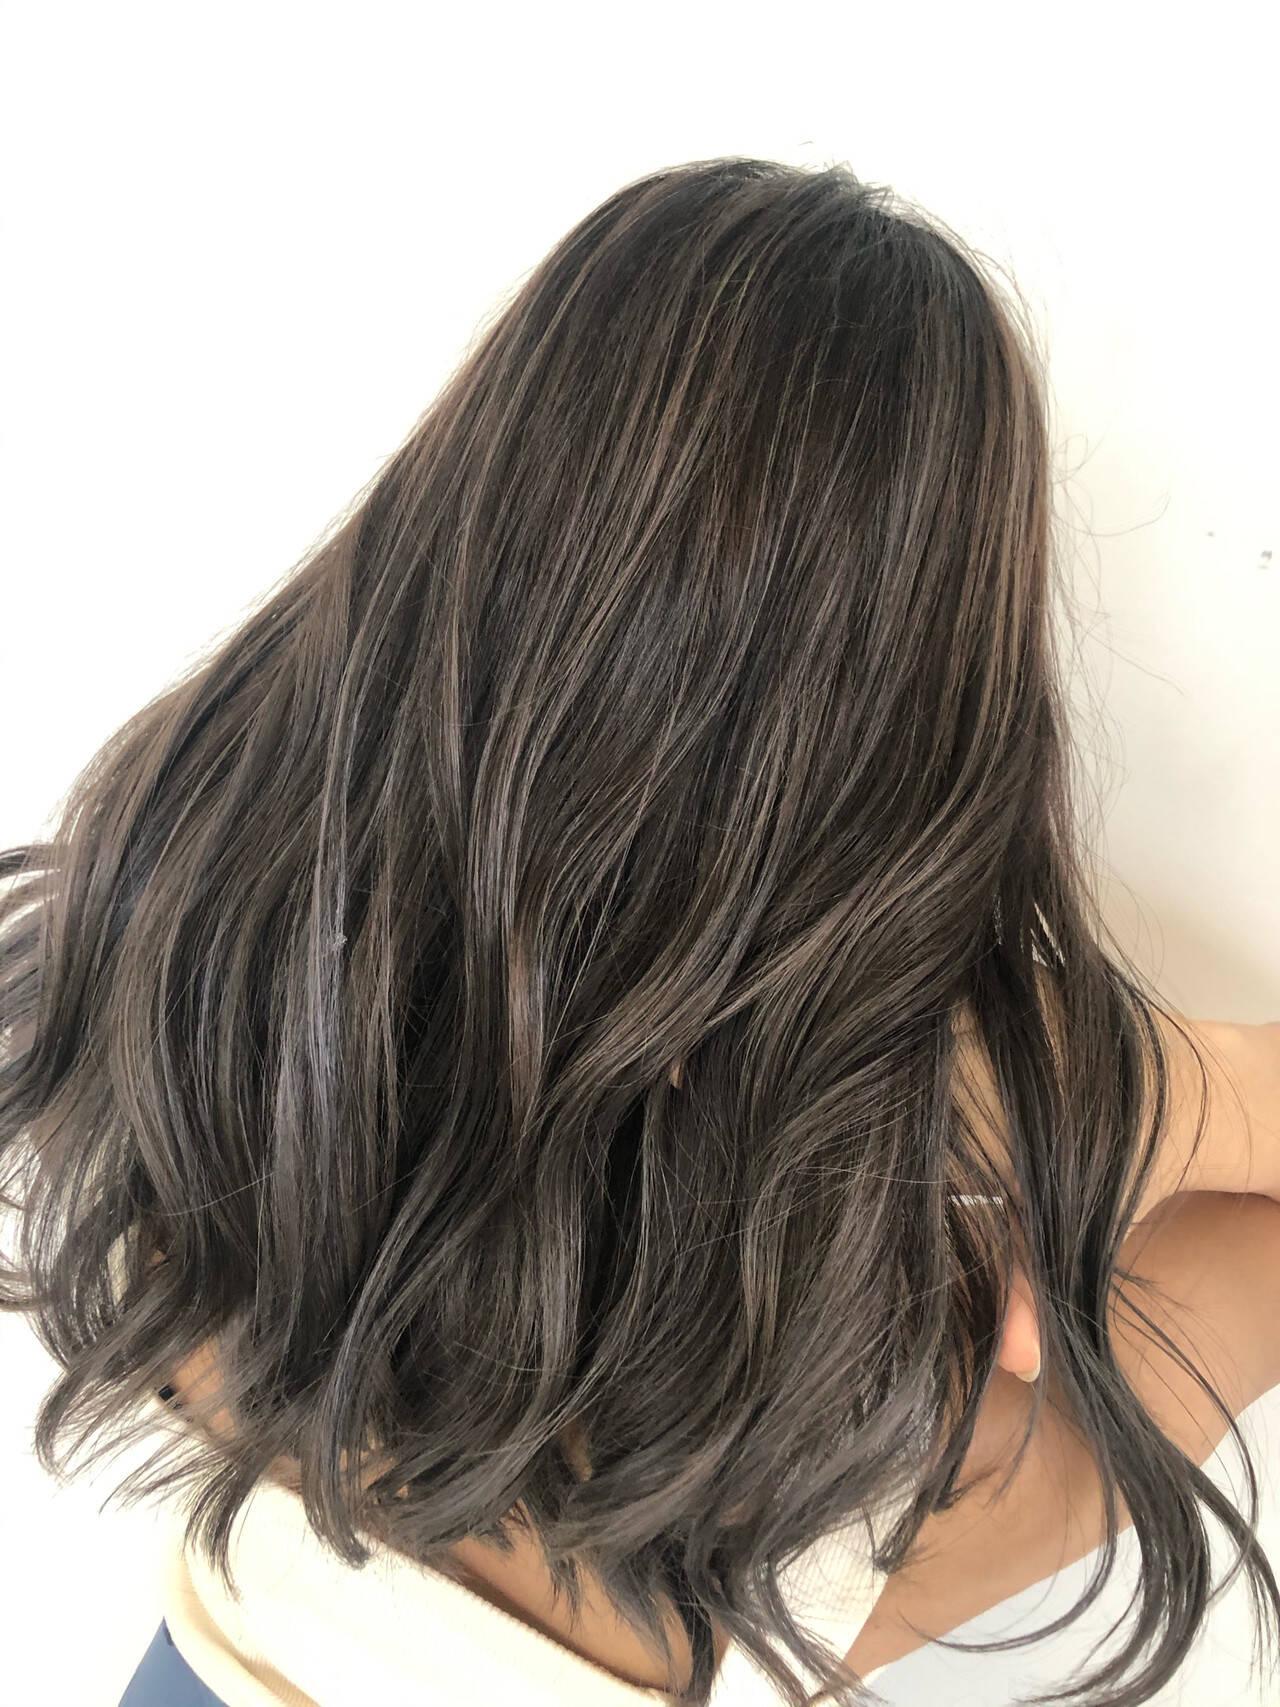 ハイライト 外国人風カラー ナチュラル グラデーションカラーヘアスタイルや髪型の写真・画像